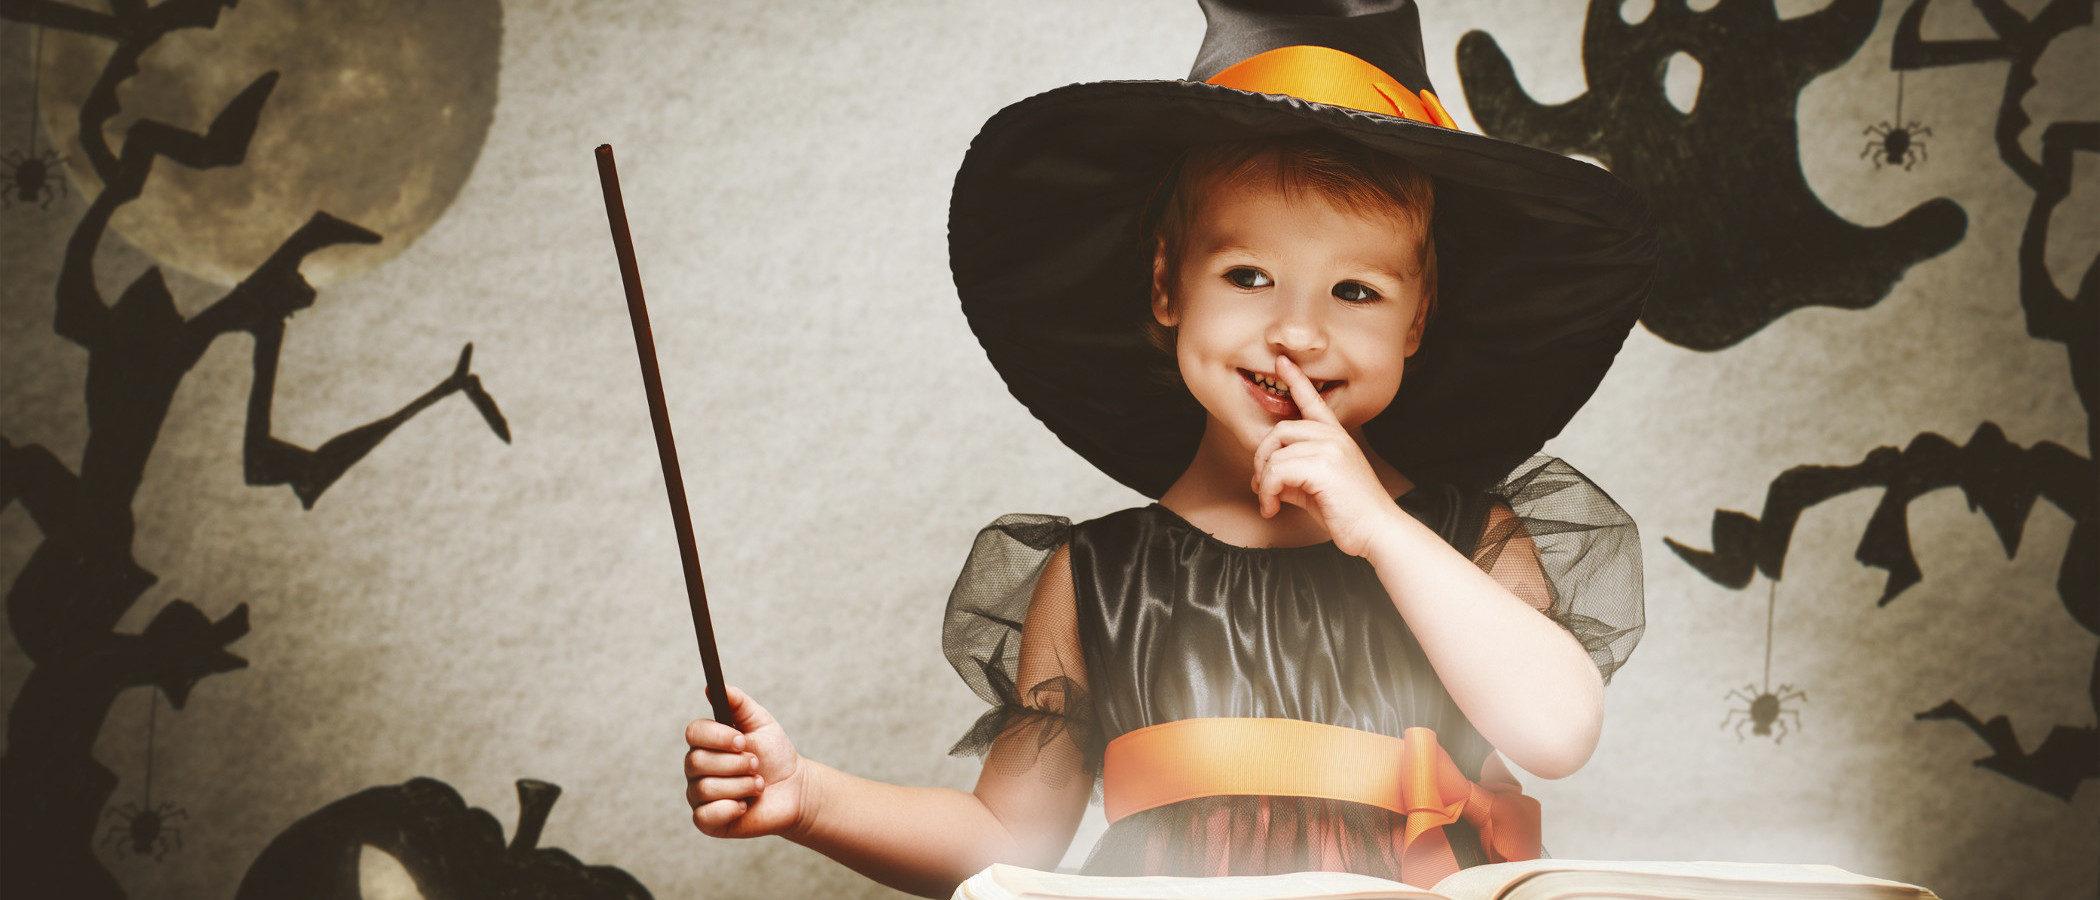 Paso a paso: disfraz de bruja para Halloween